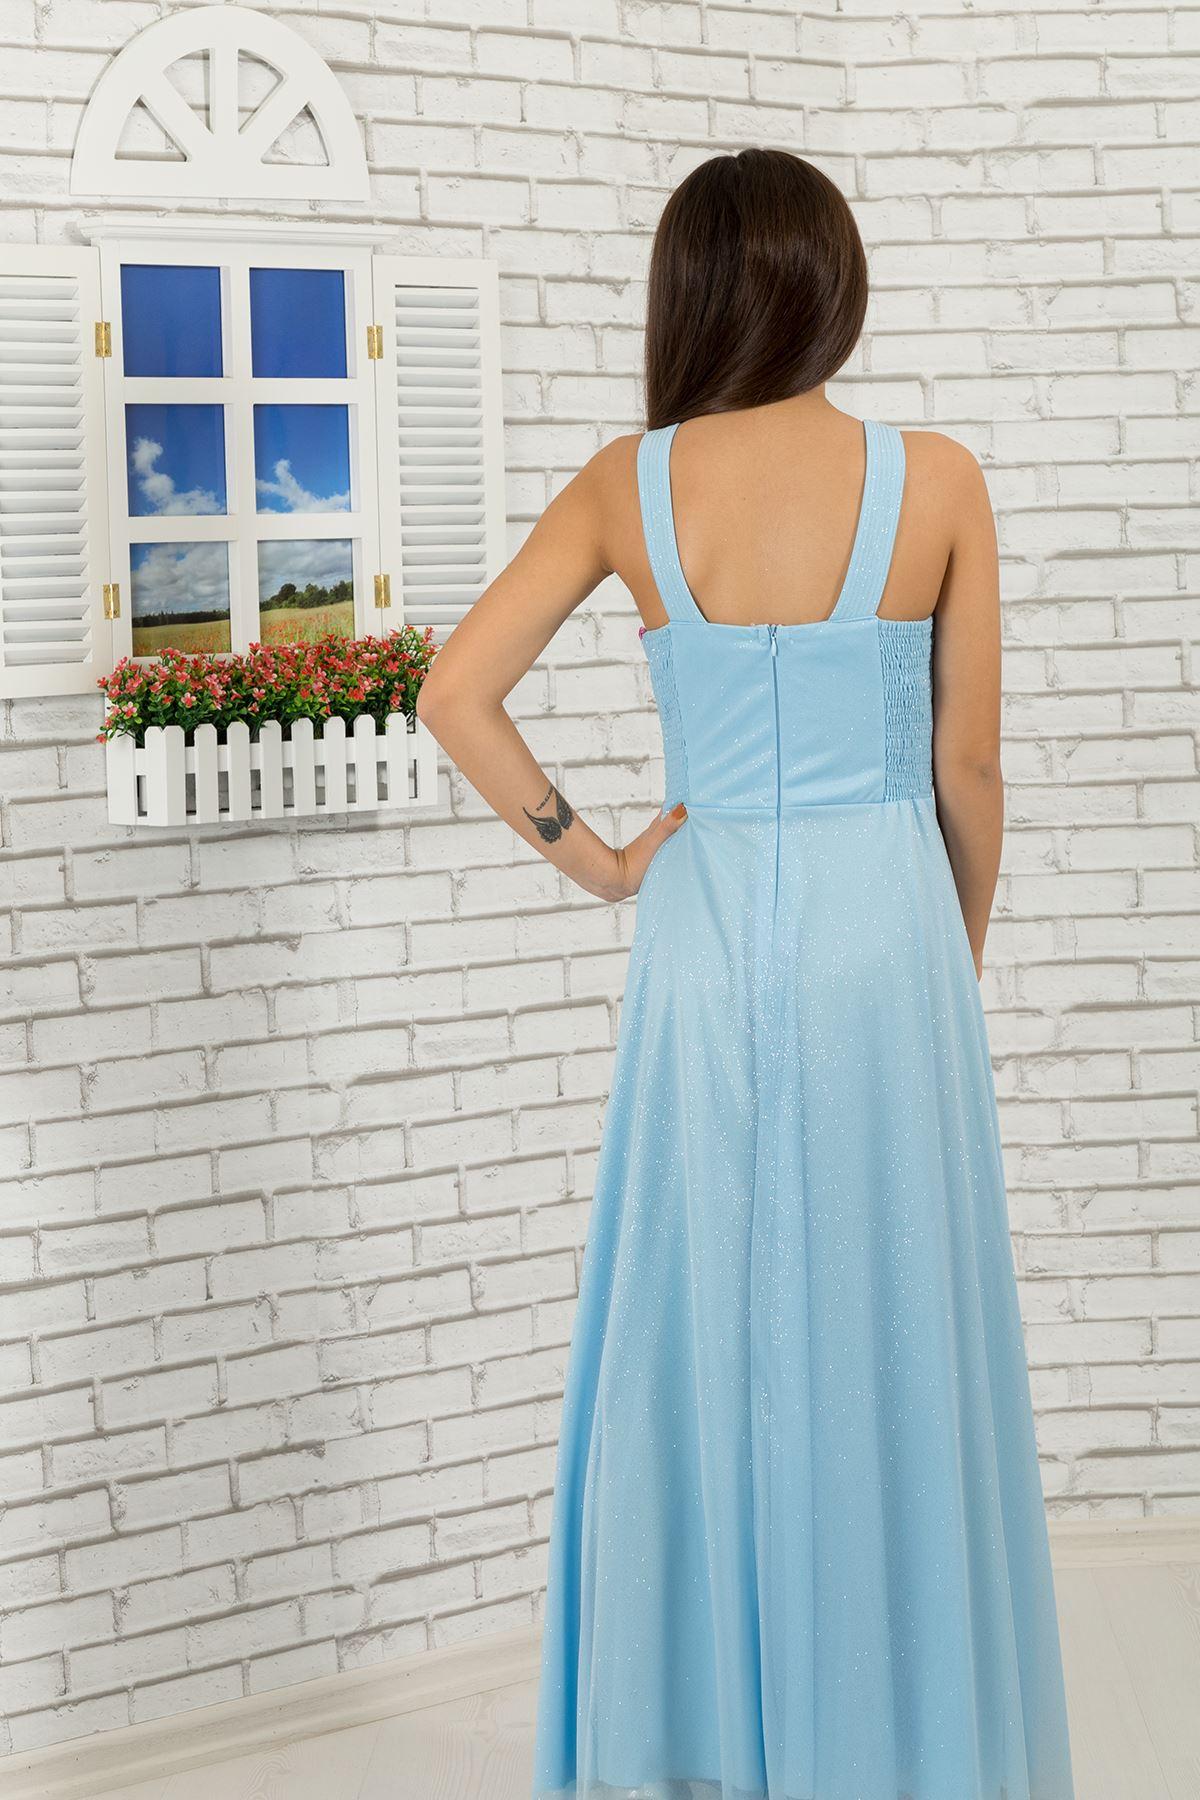 פרט מותניים וצוואר, שמלת ערב שיפון כסופה כסופה של ילדה 472 תכלת